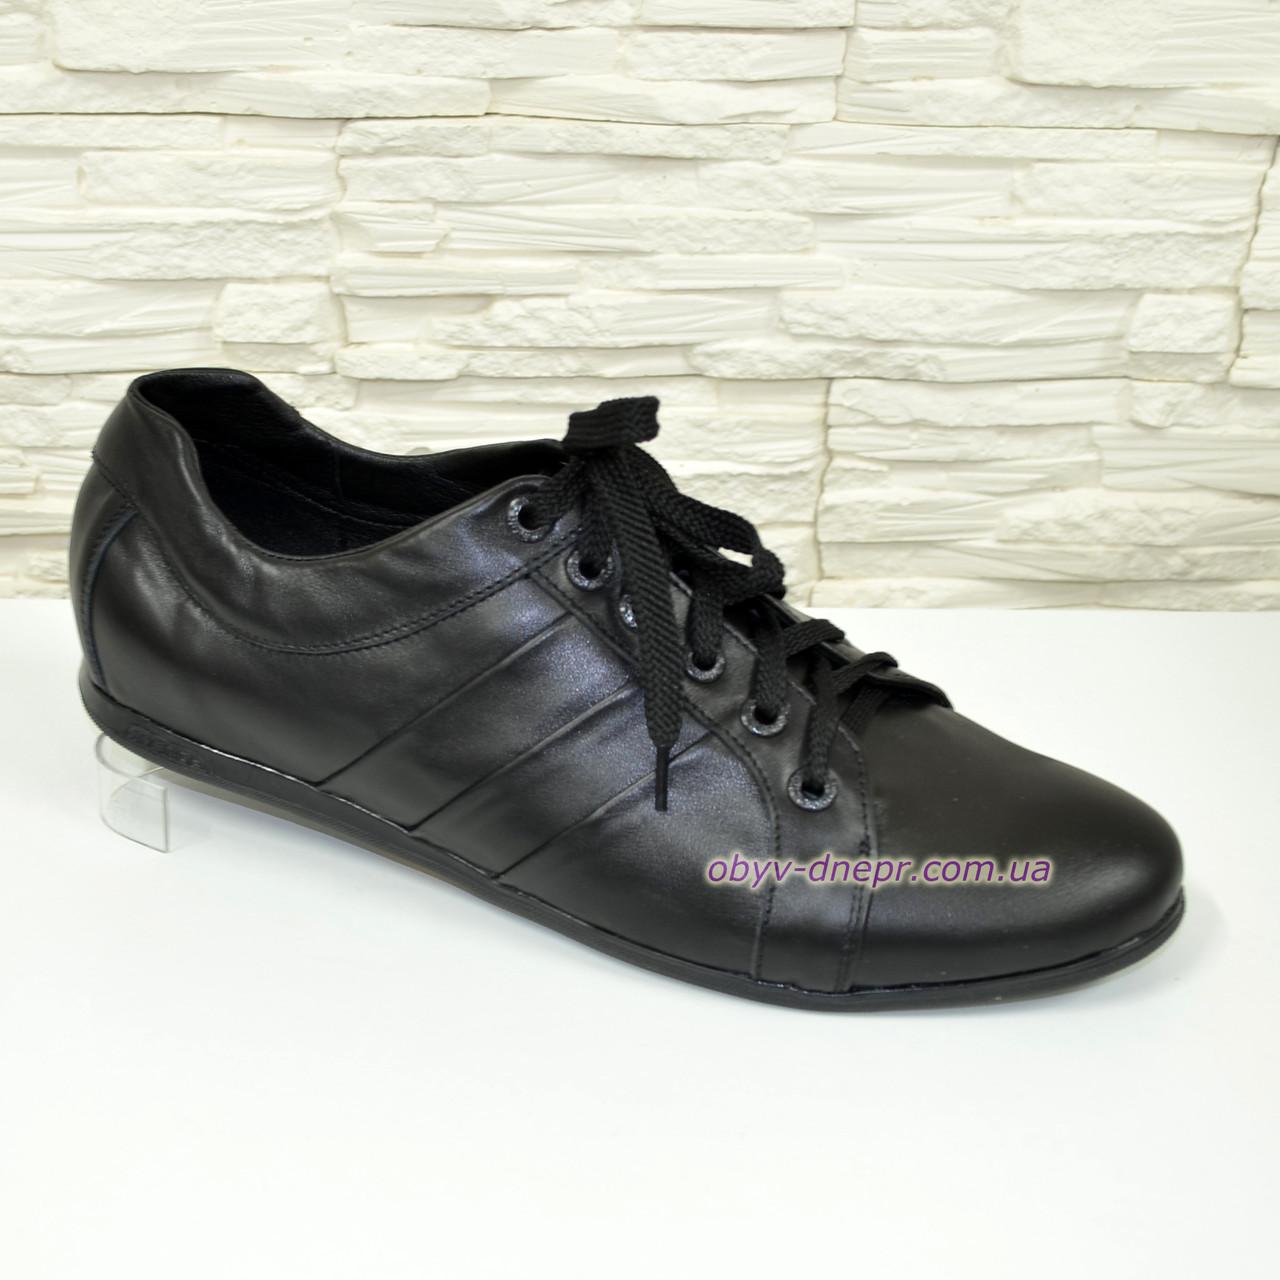 4a65a8982c951 Туфли-кроссовки мужские комфортные, натуральная черная кожа. -  Интернет-магазин